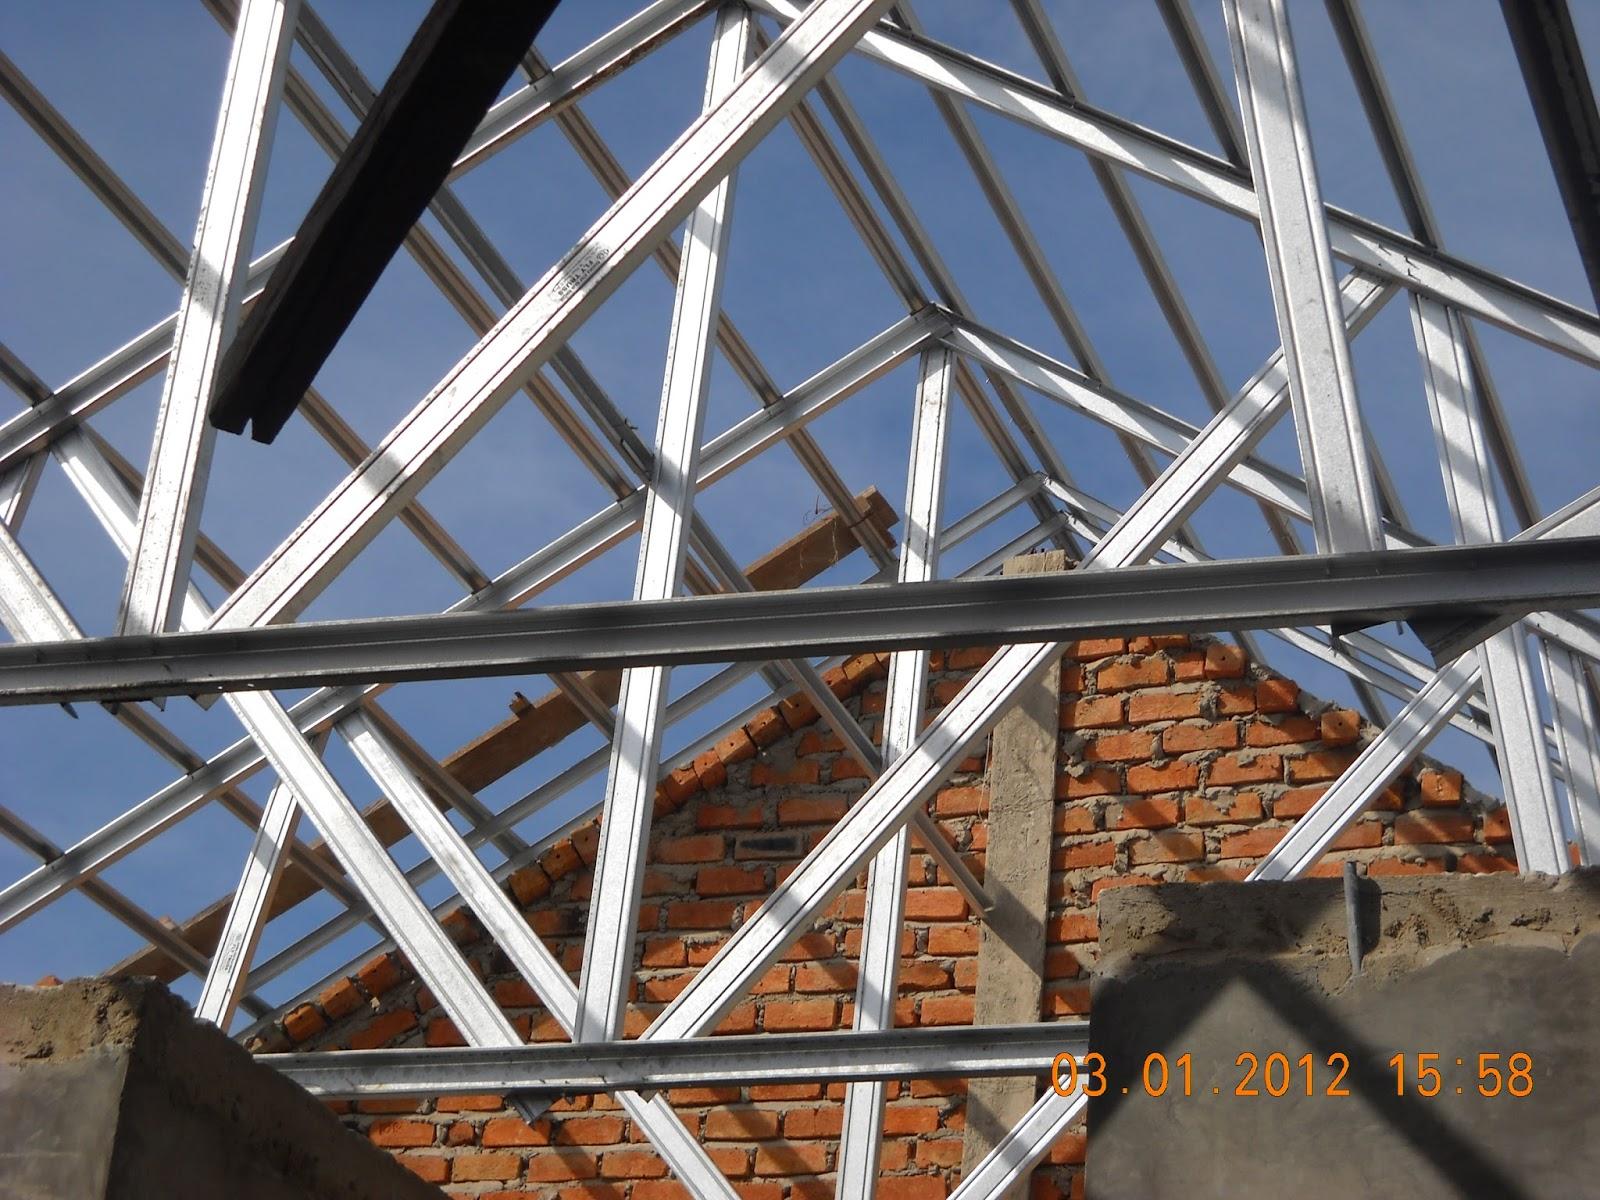 rangka baja ringan atap miring cara pasang galvalum - kencana truss ...